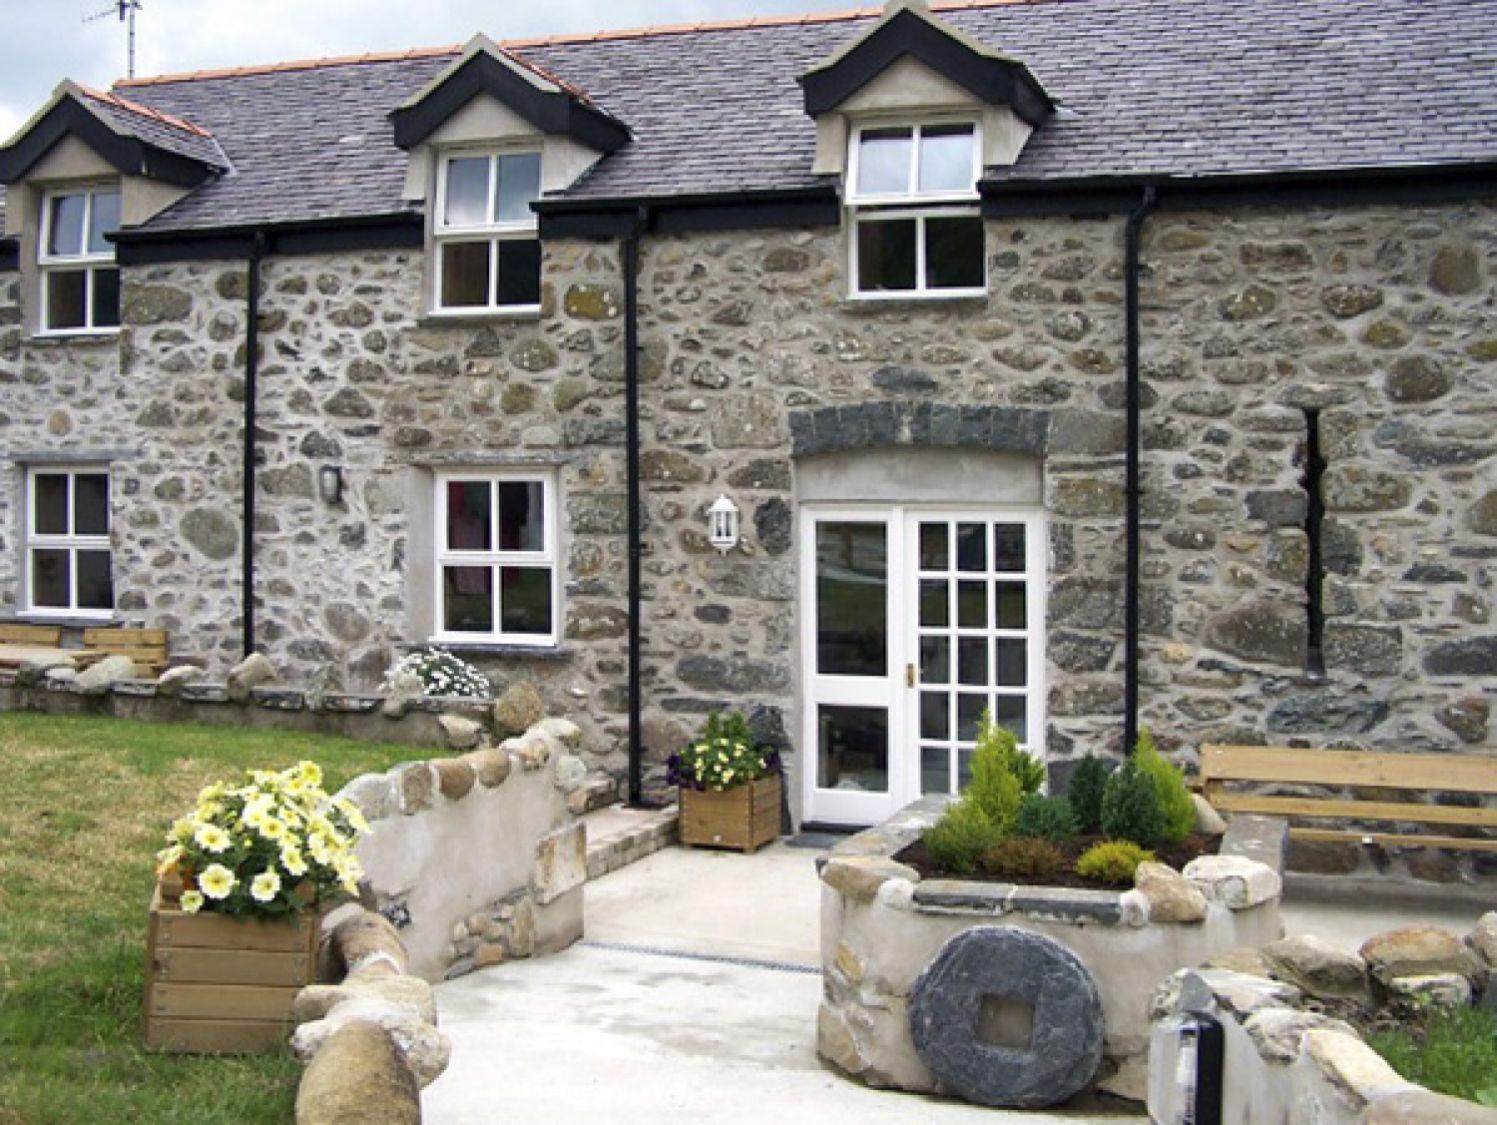 Ty Nansi Rhiannon - North Wales - 1638 - photo 1